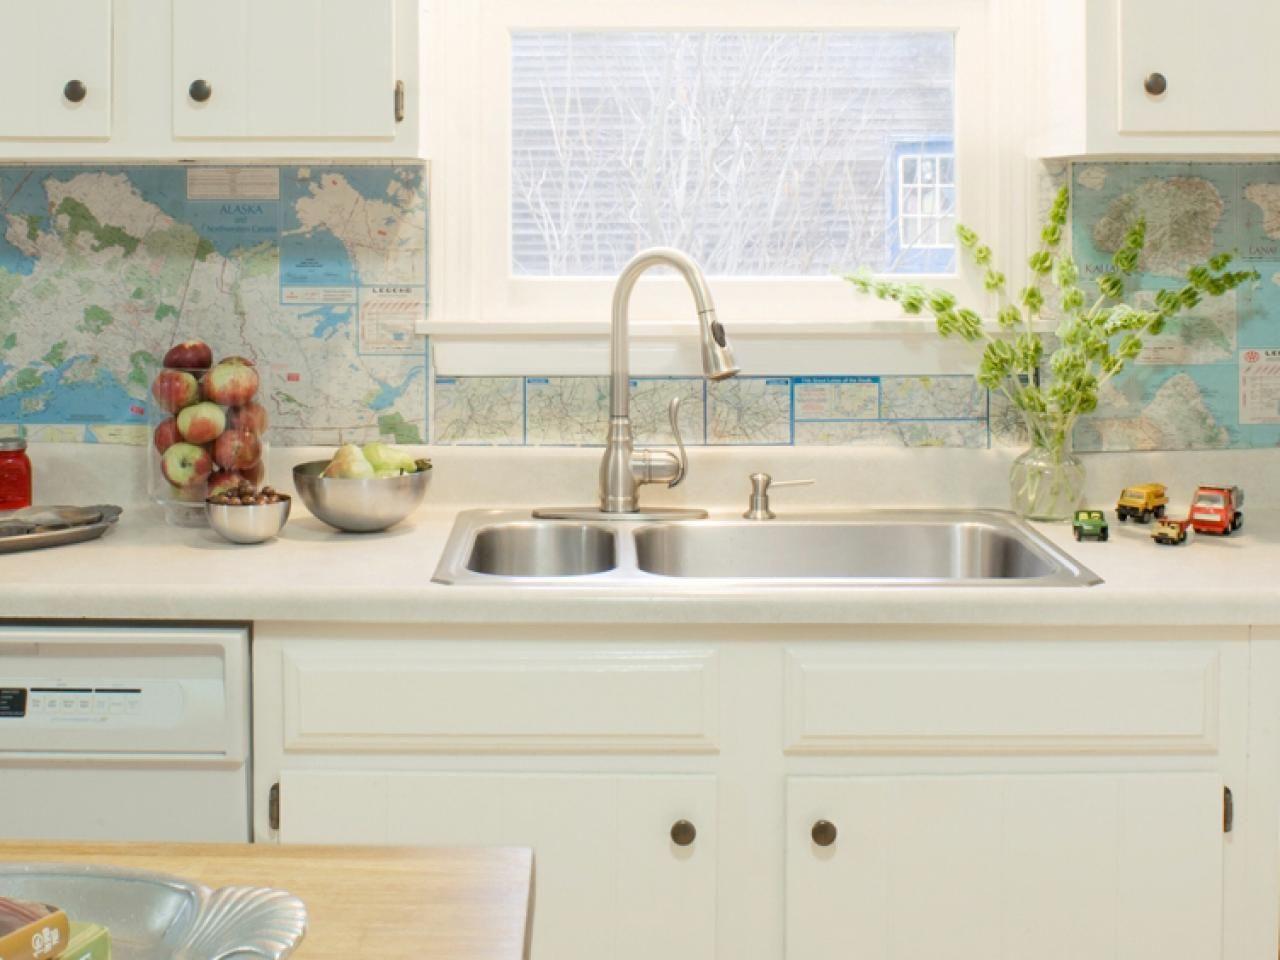 Best ideas about Diy Kitchen Ideas . Save or Pin Top 20 DIY Kitchen Backsplash Ideas Now.